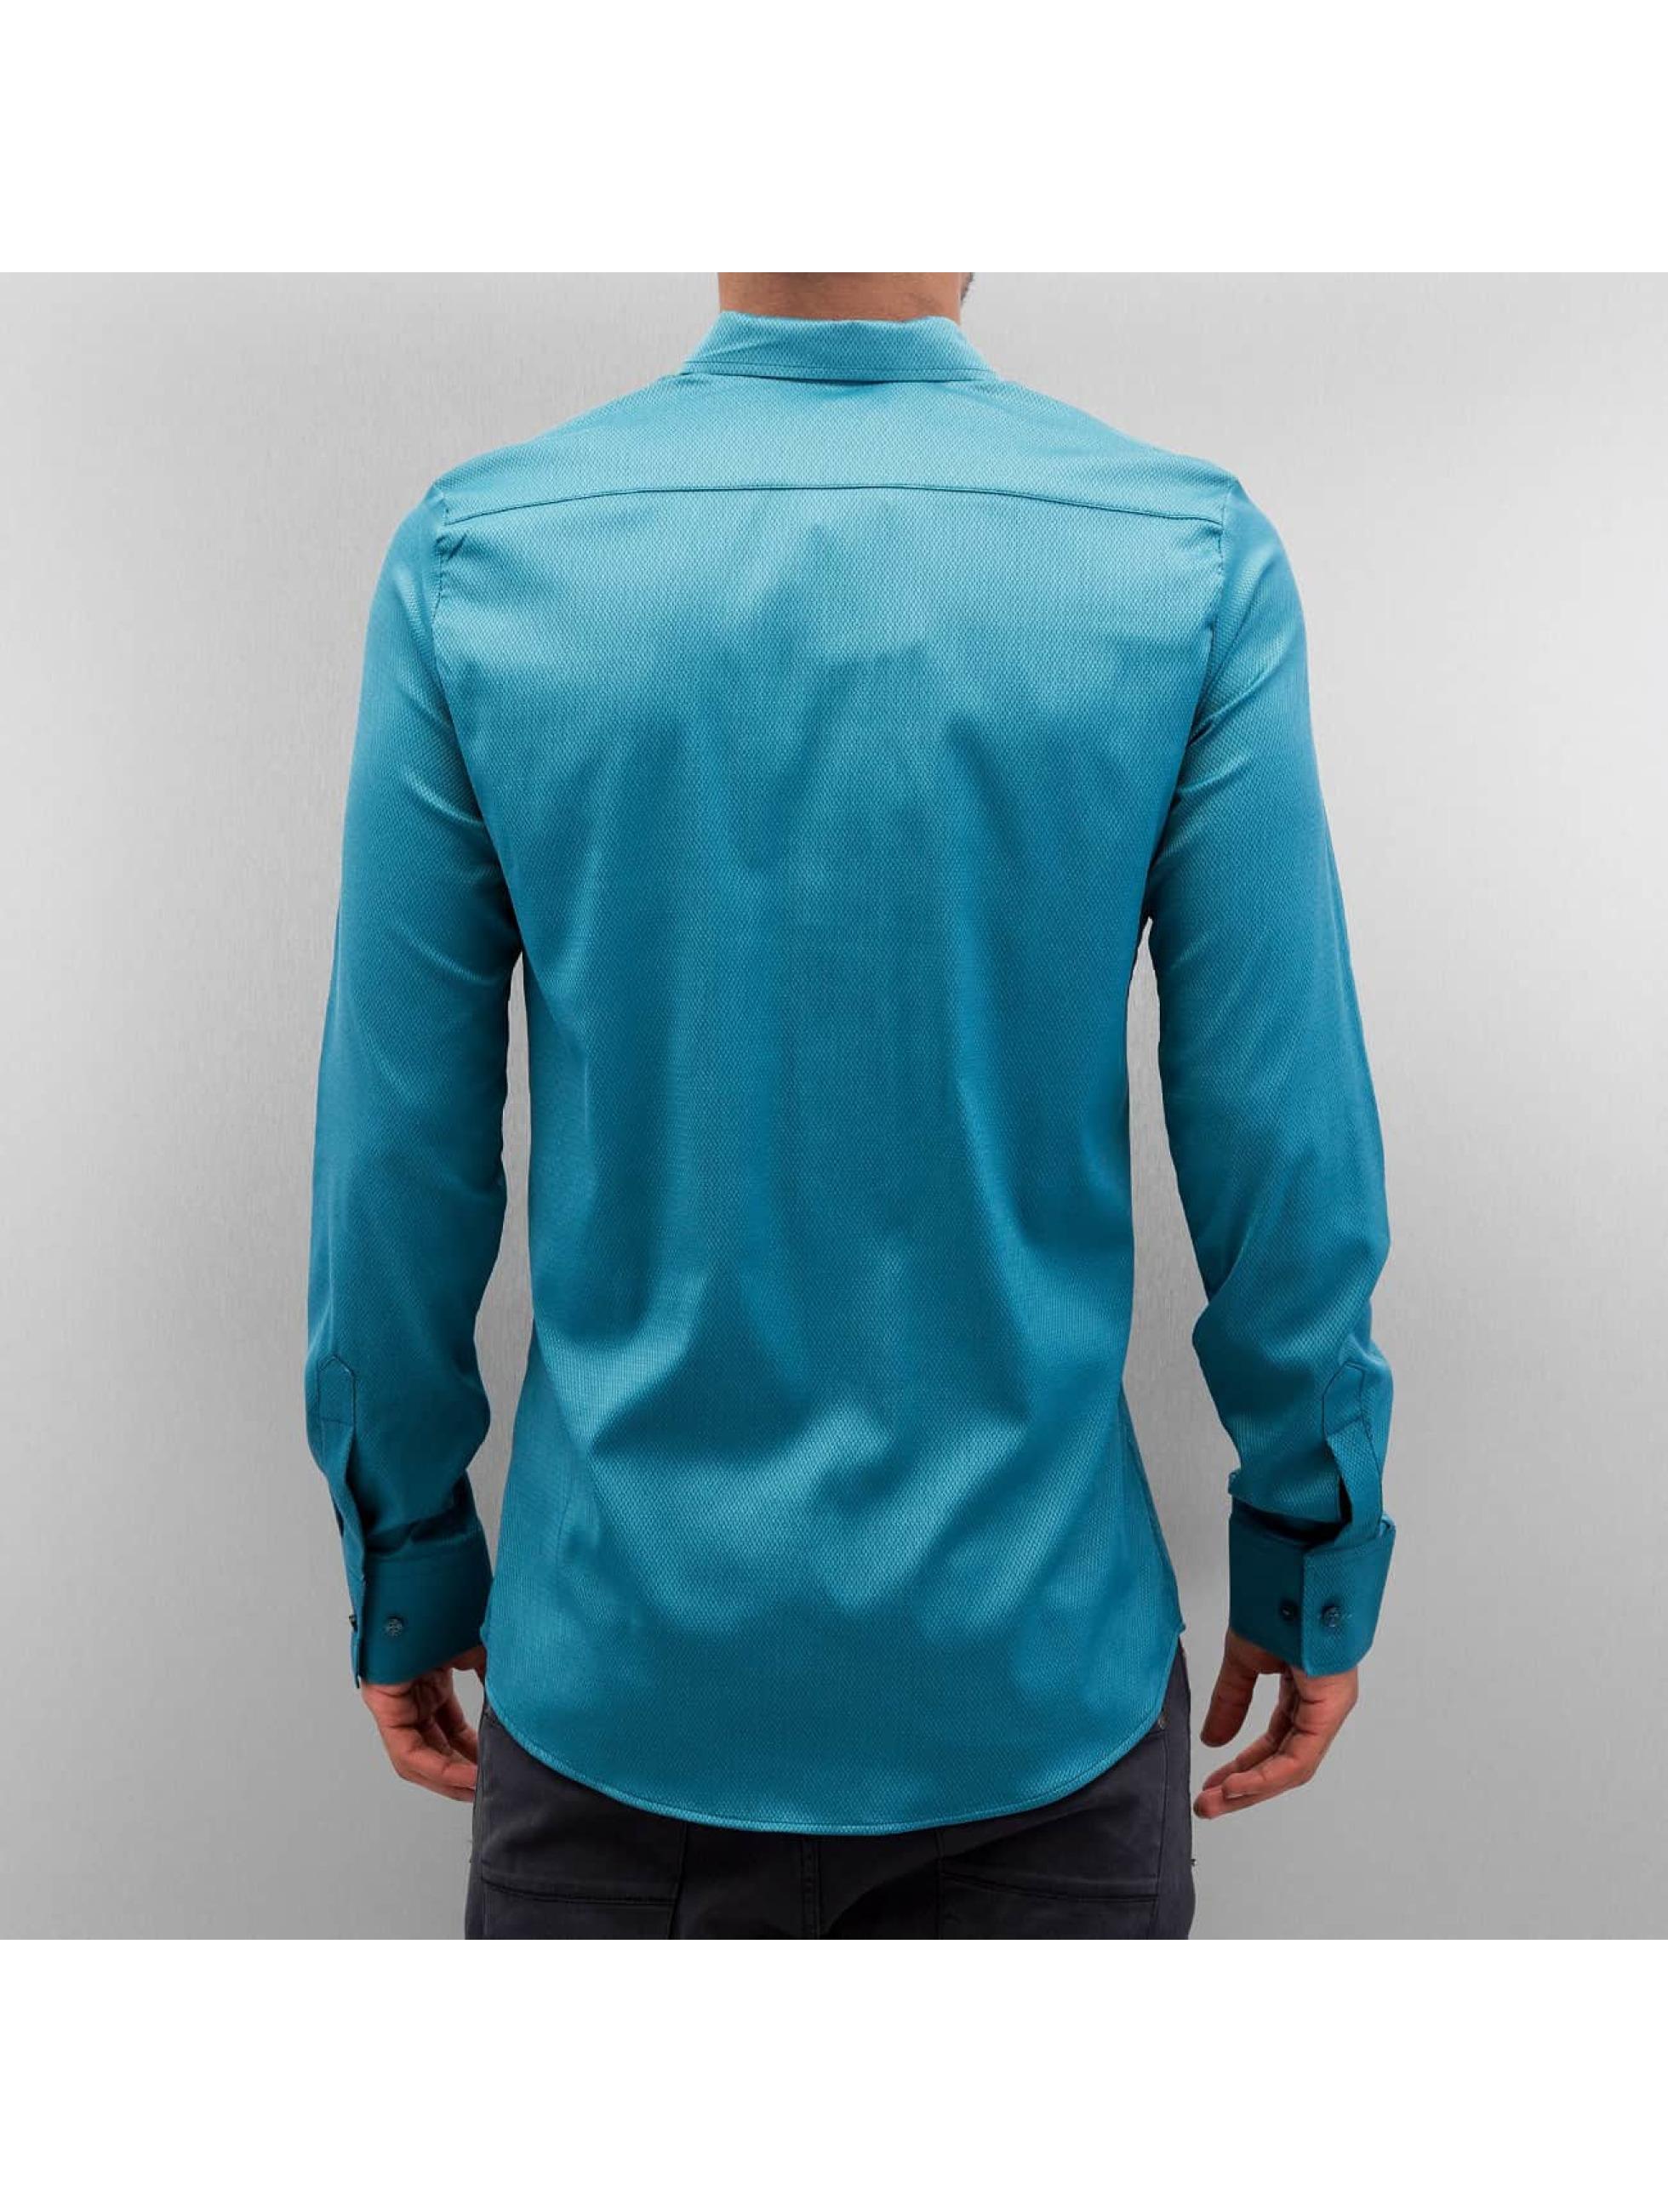 Open Рубашка Rio бирюзовый